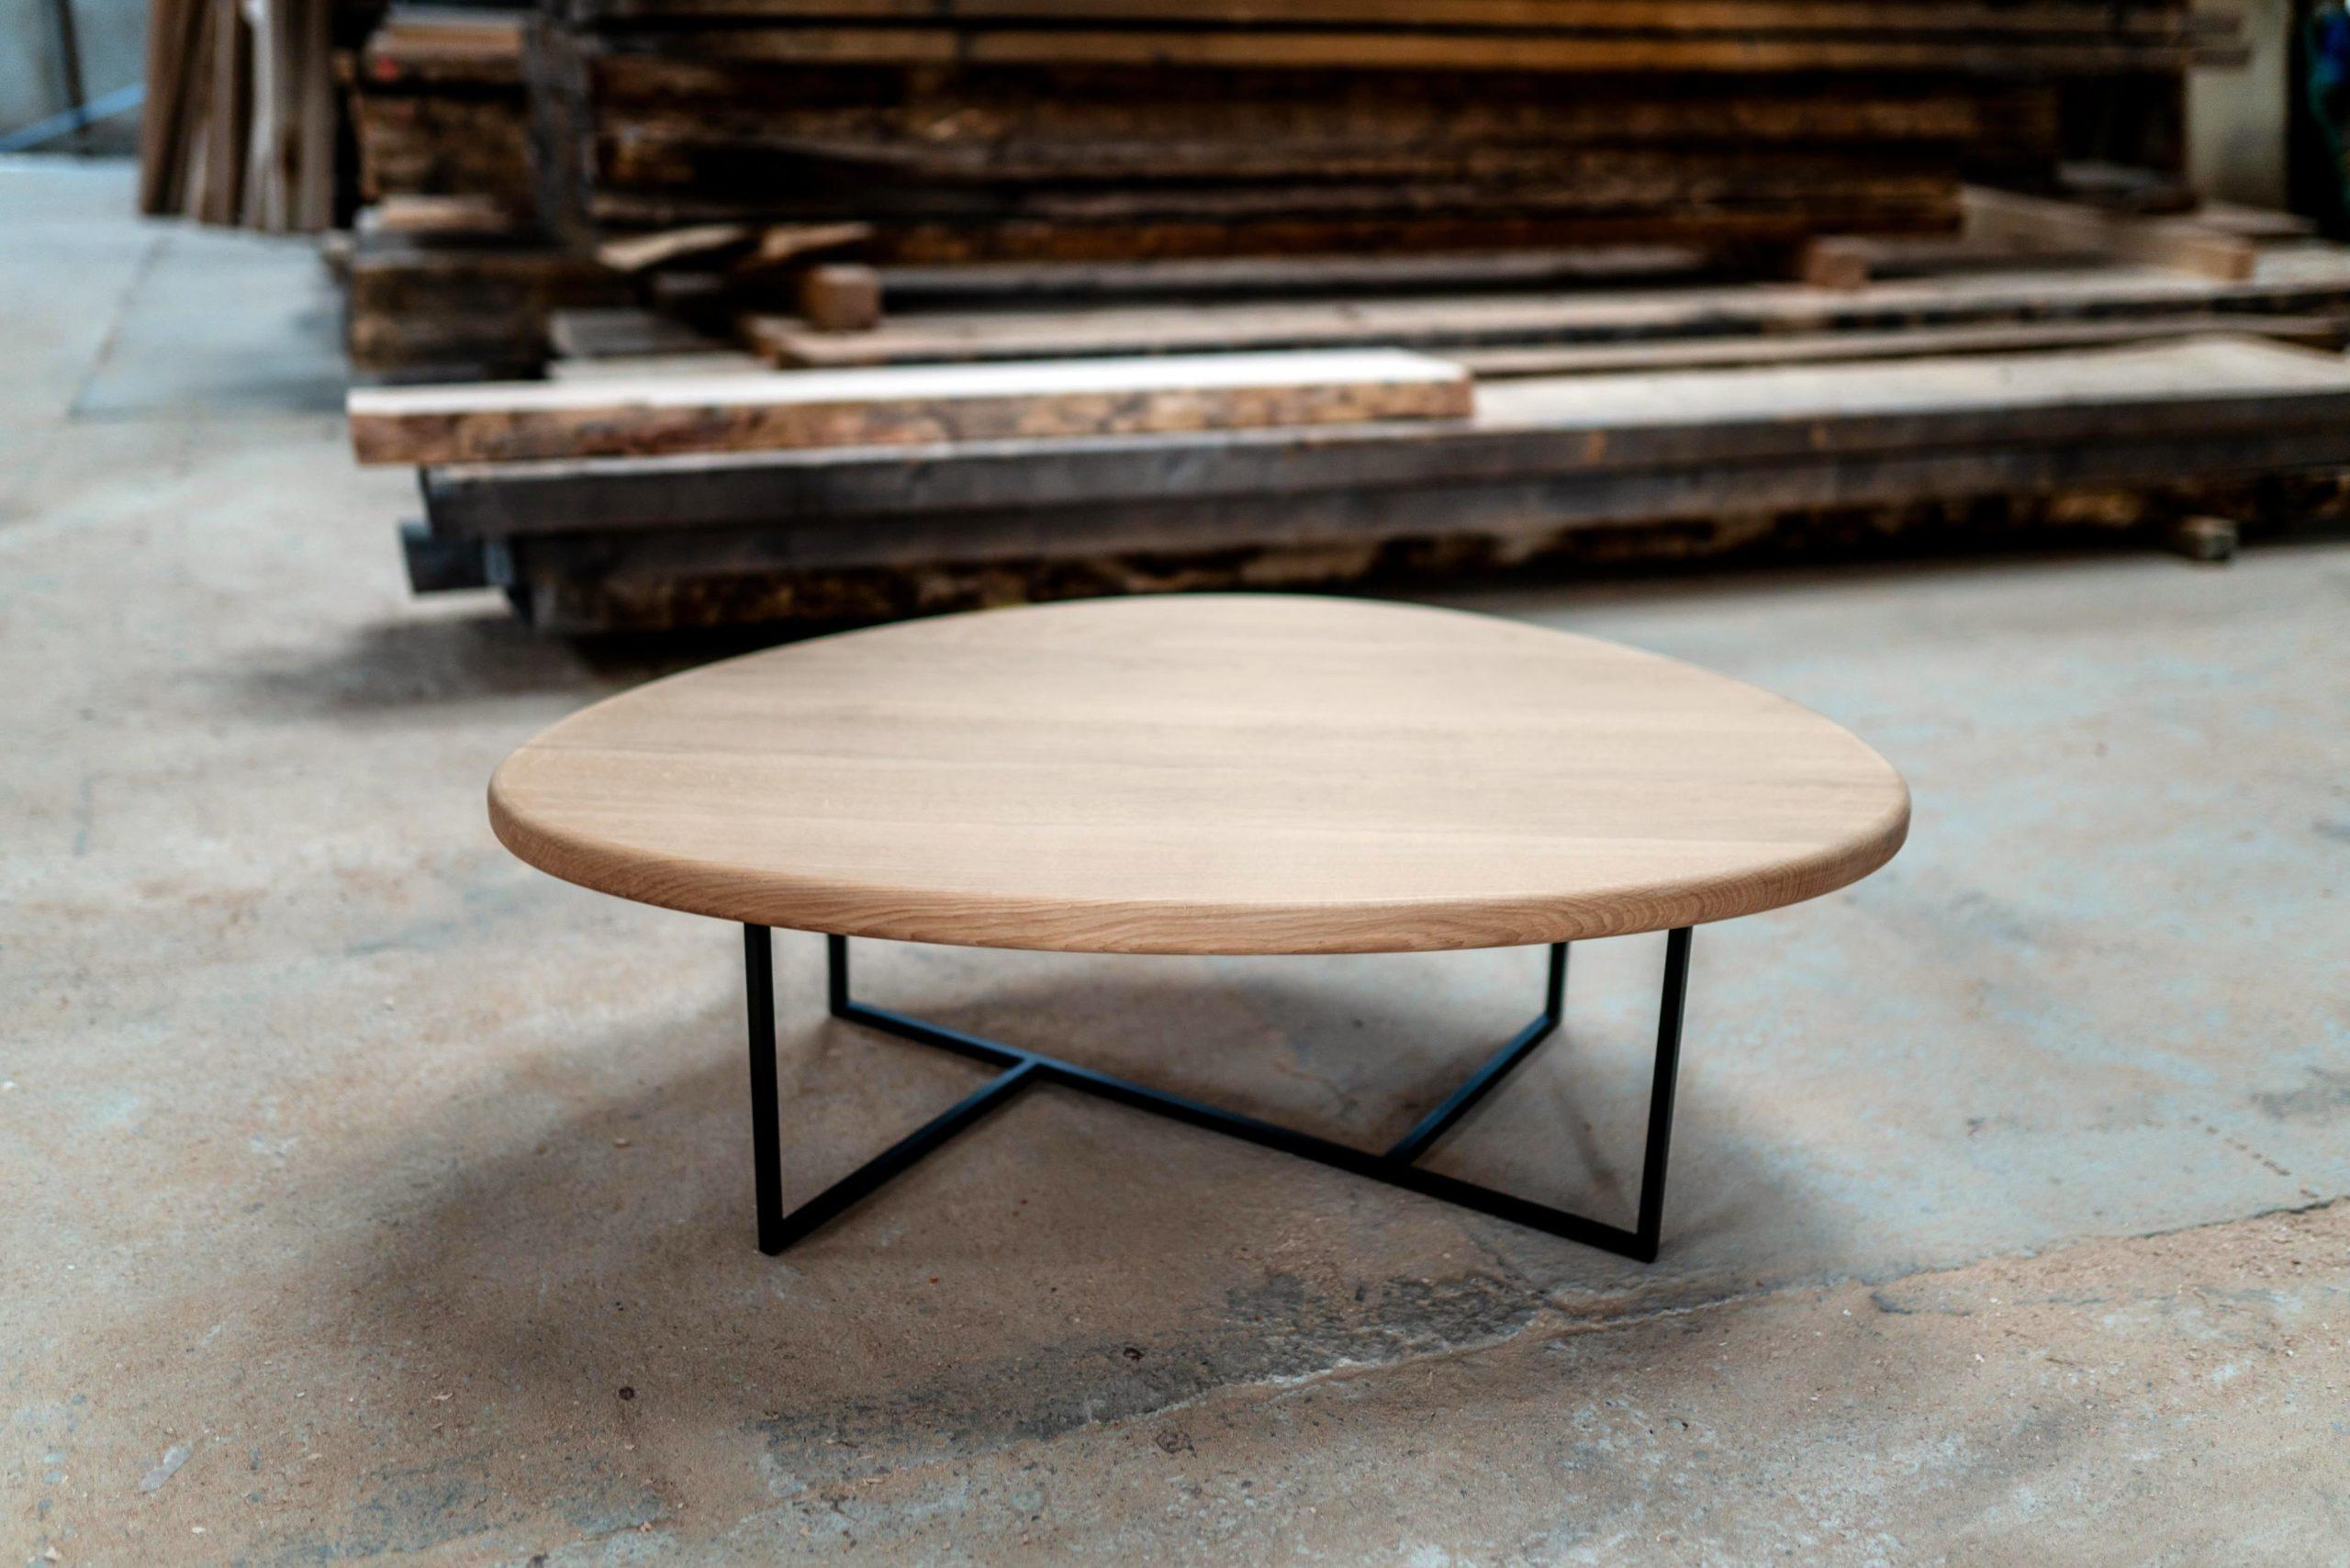 Table basse Galet / 120 x 90 x H 35 cm / Bois massif et acier / Fabrication sur mesure ARTMETA